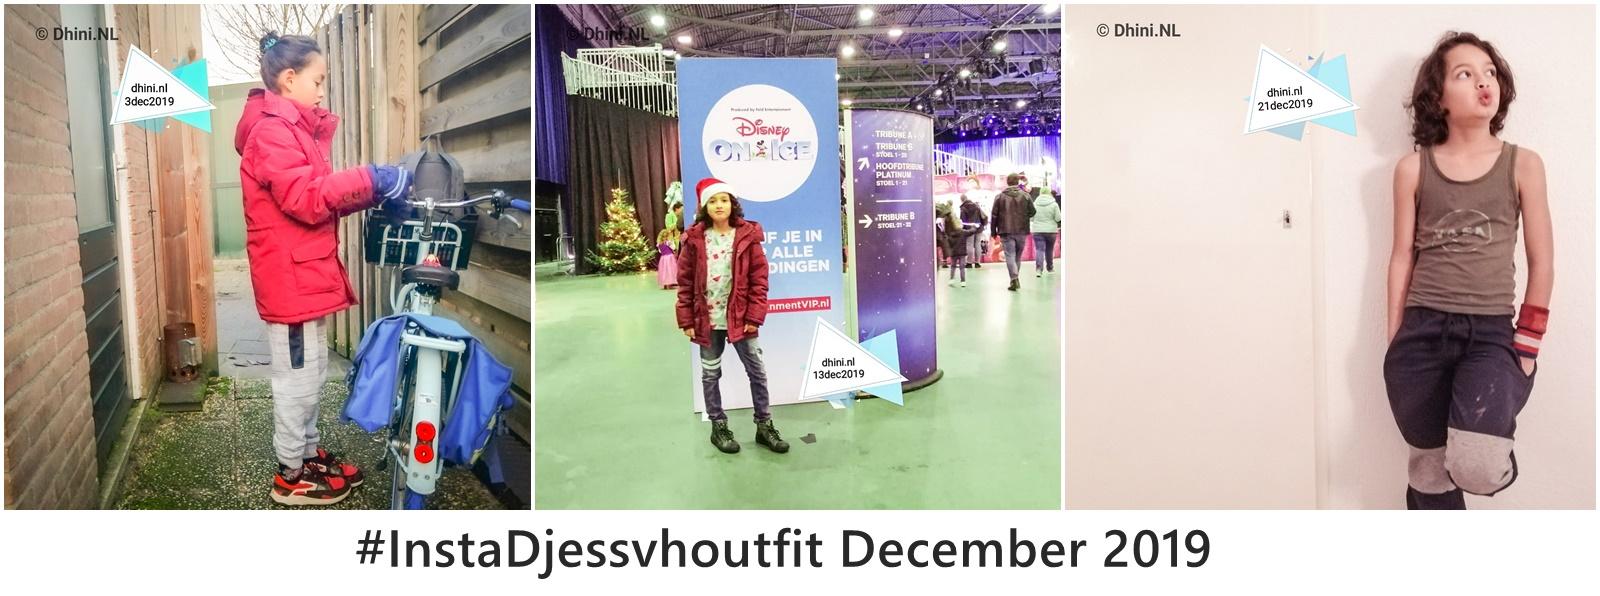 2019-Insta-Djessvhoutftis12